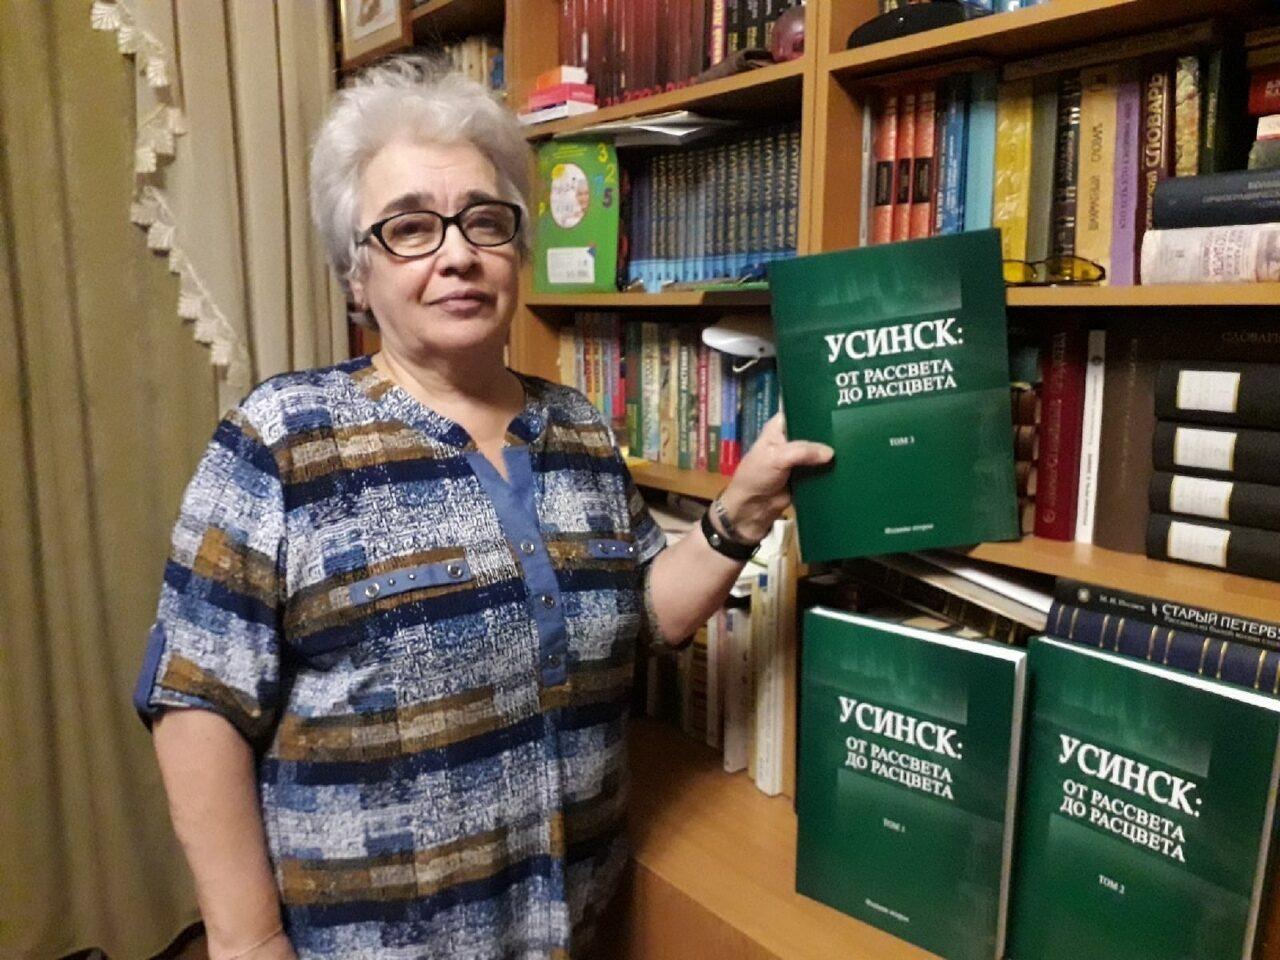 """ВНИМАНИЕ! Дарим 10 комплектов книг """"УСИНСК: ОТ РАССВЕТА ДО ..."""